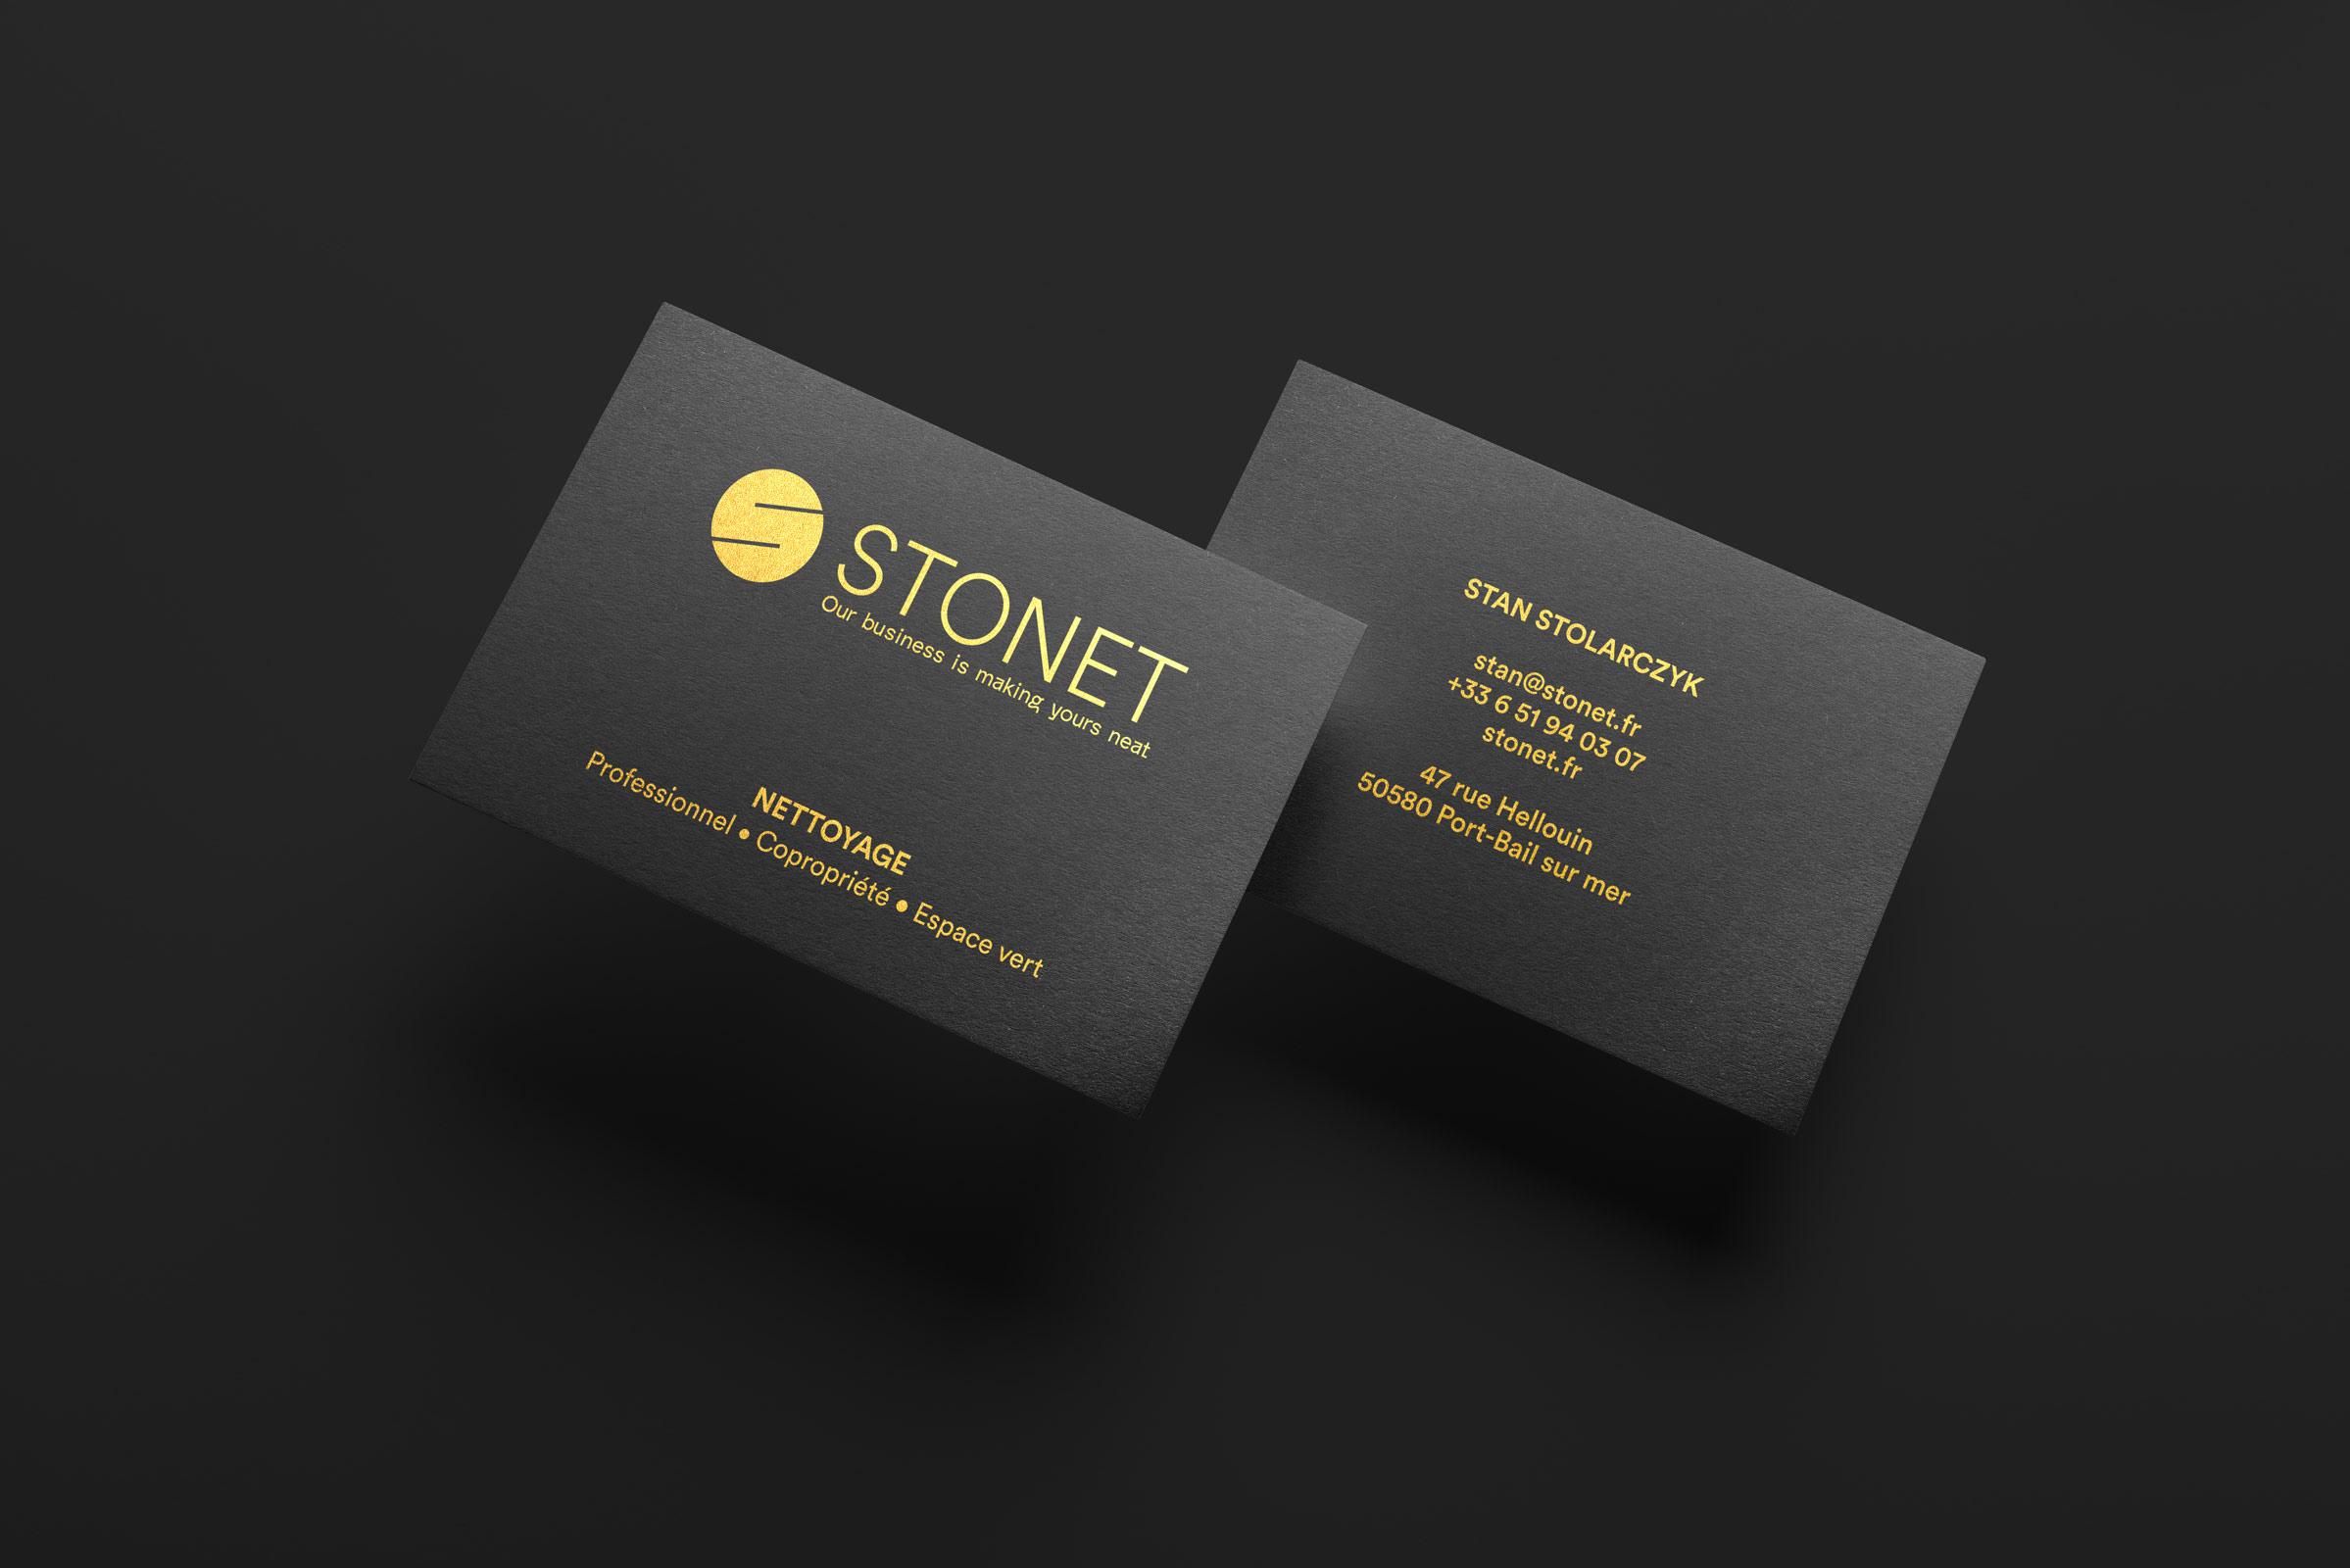 STONET - Conception identité visuelle - Image de marque & branding